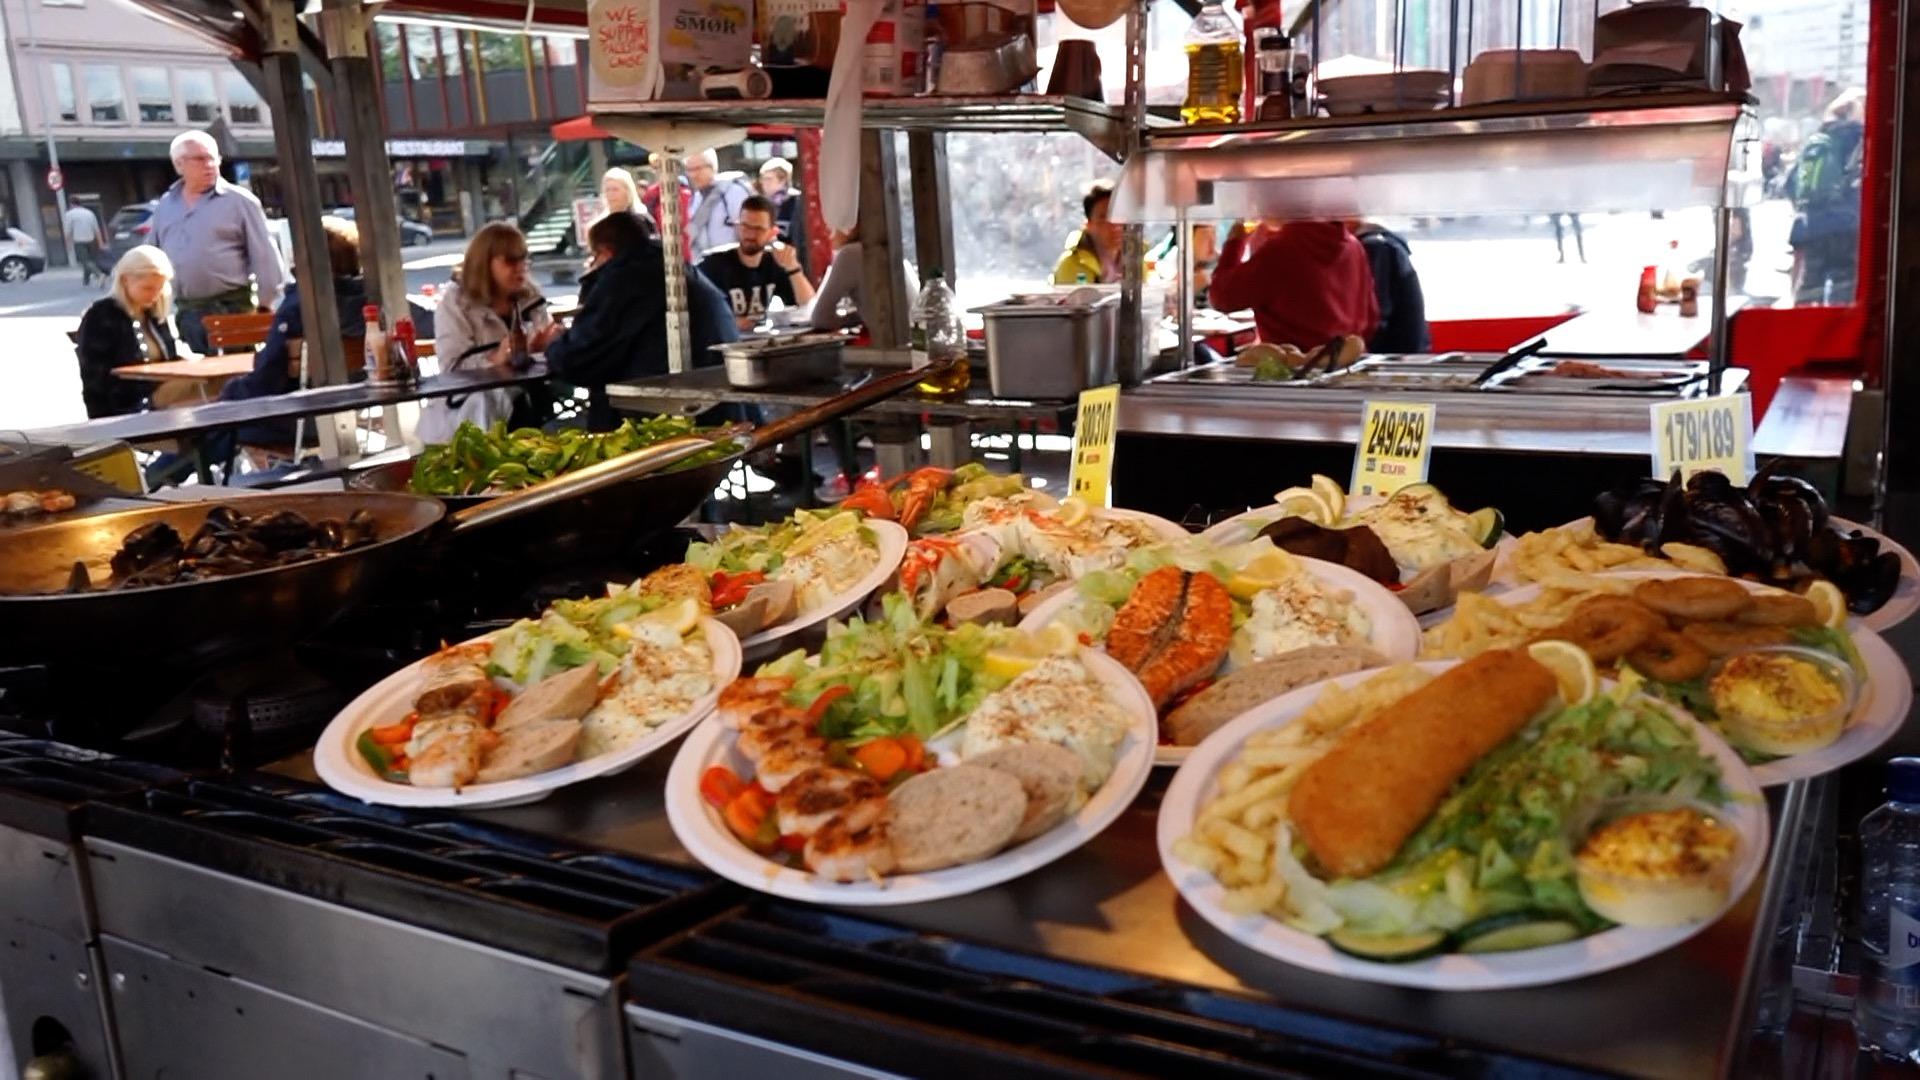 北歐版本的掃街,除了價錢比較北歐外,食物也較北歐—貴價海鮮無誤。